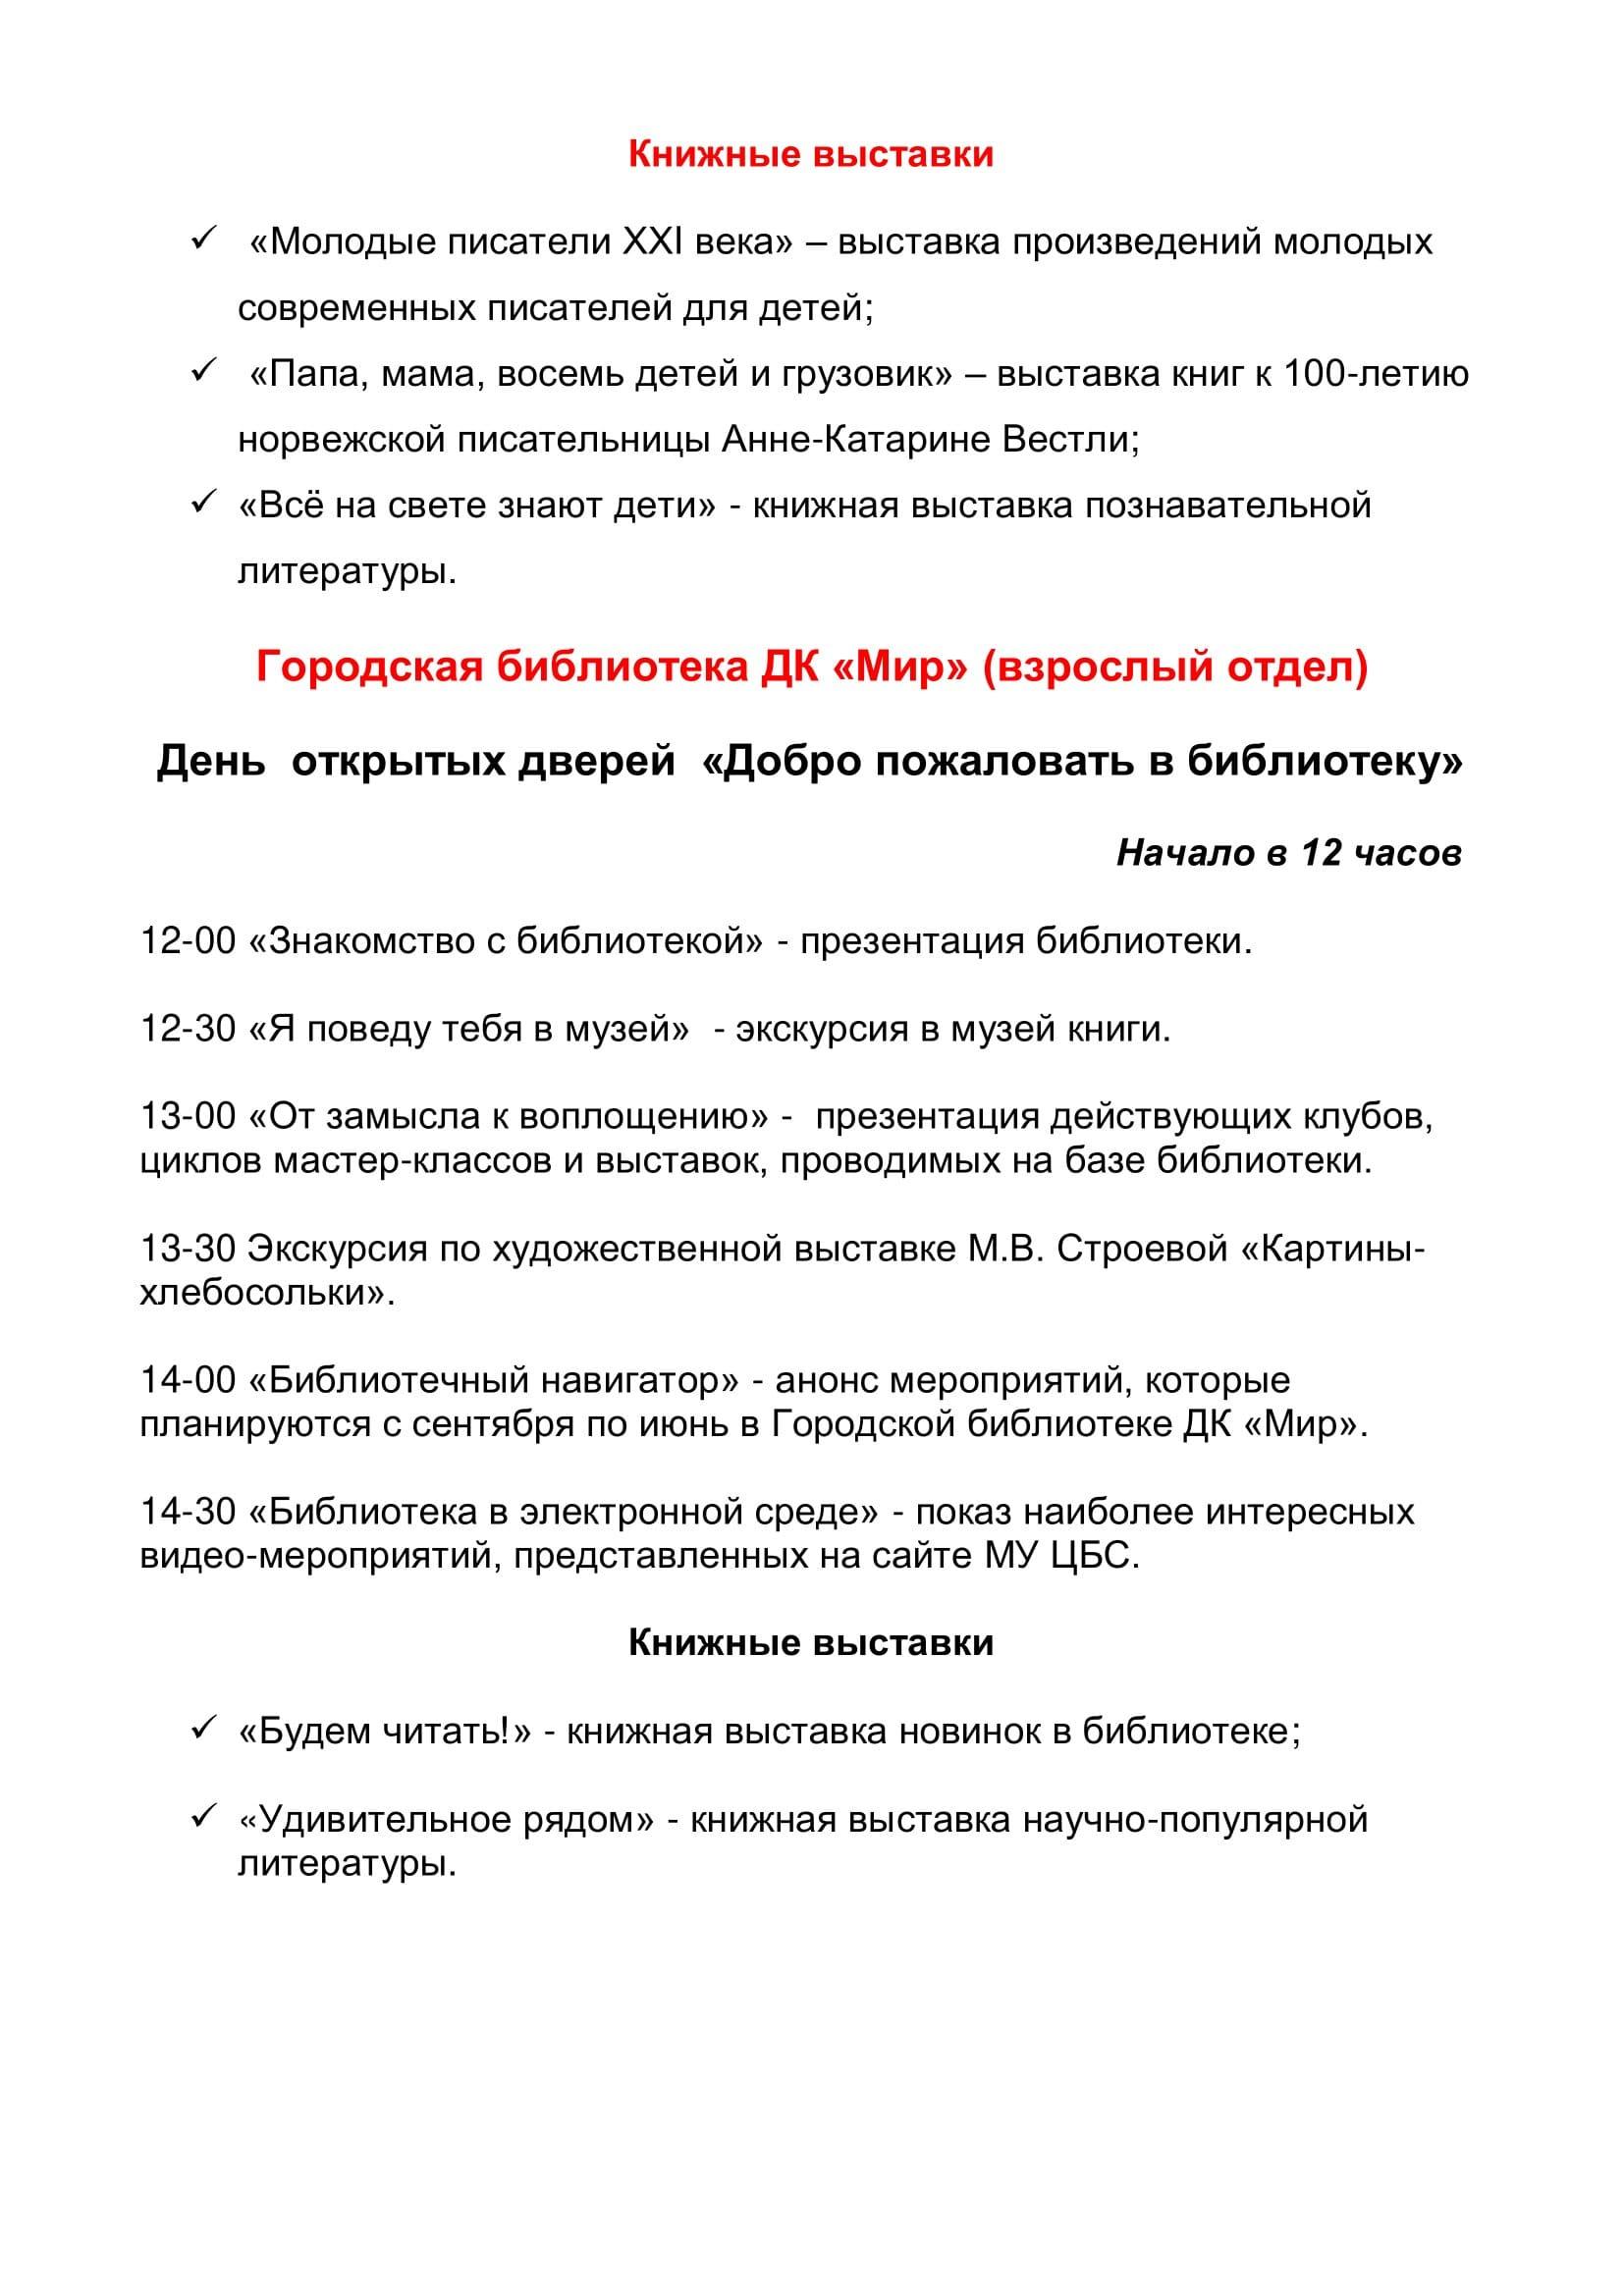 День открытых дверей. План ИСПРАВЛ_0003